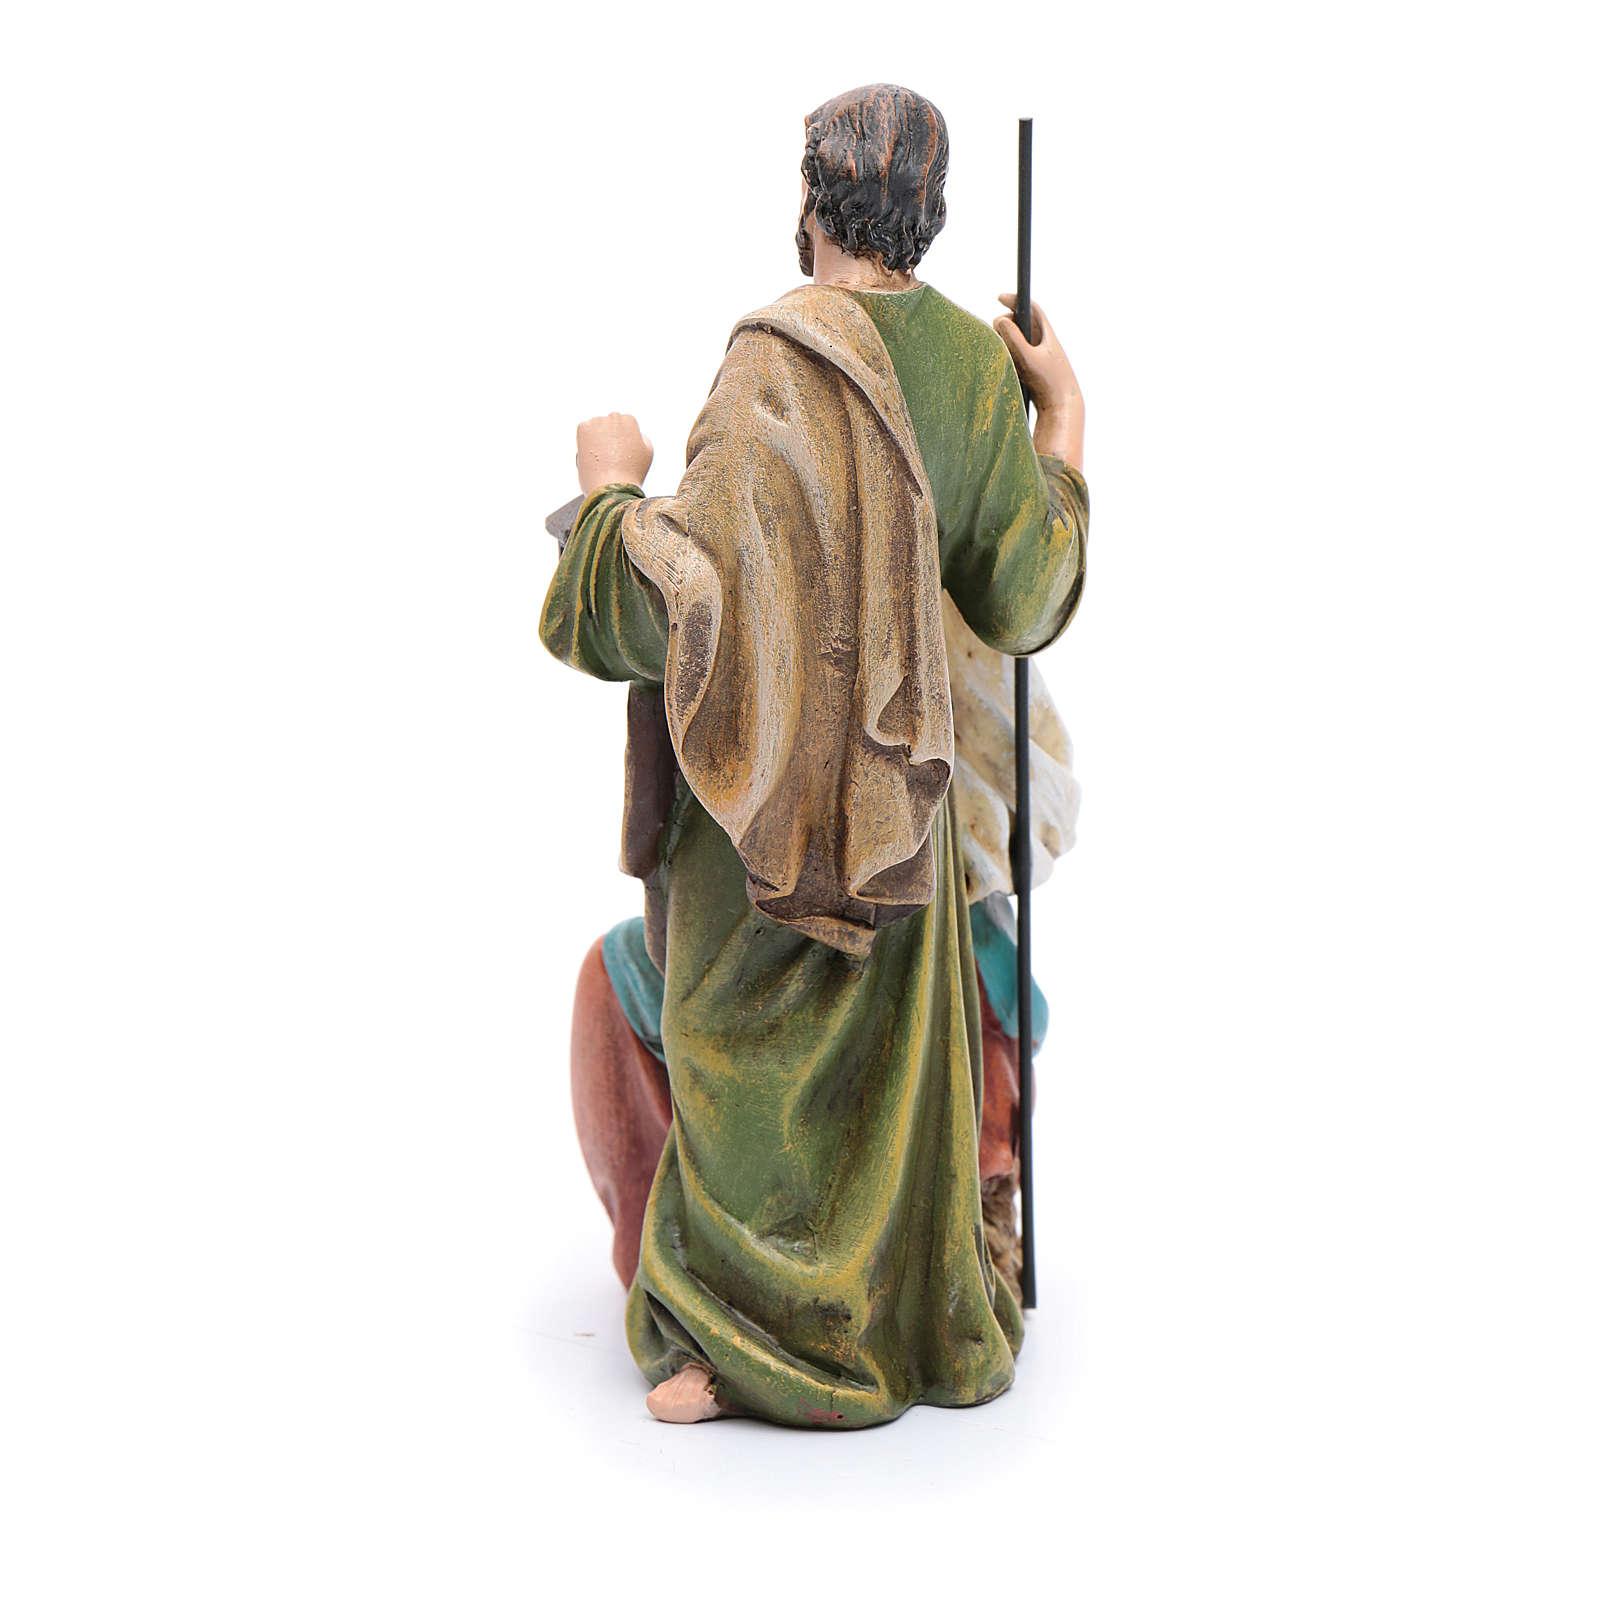 Figurka święta Rodzina  ścier drzewny malowany 4